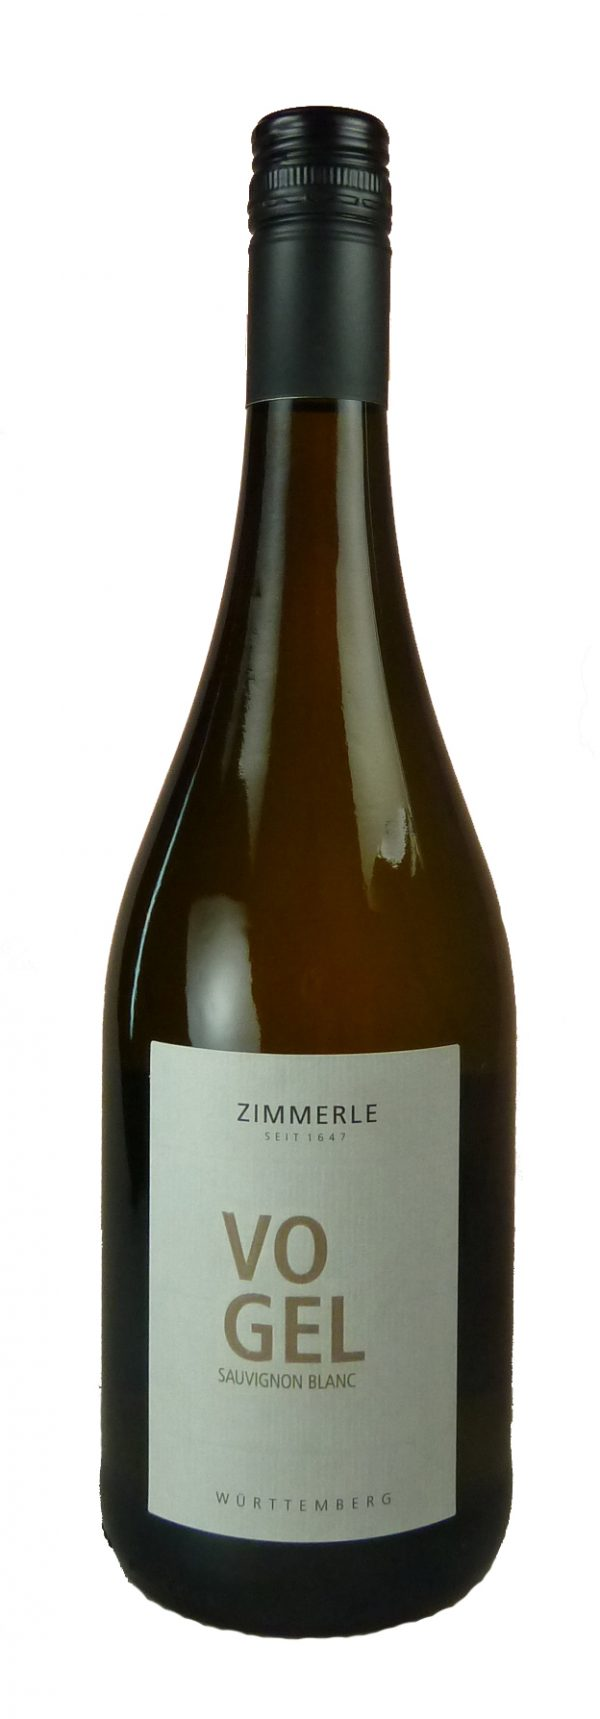 Vogel Sauvignon blanc Qualitätswein trocken 2016